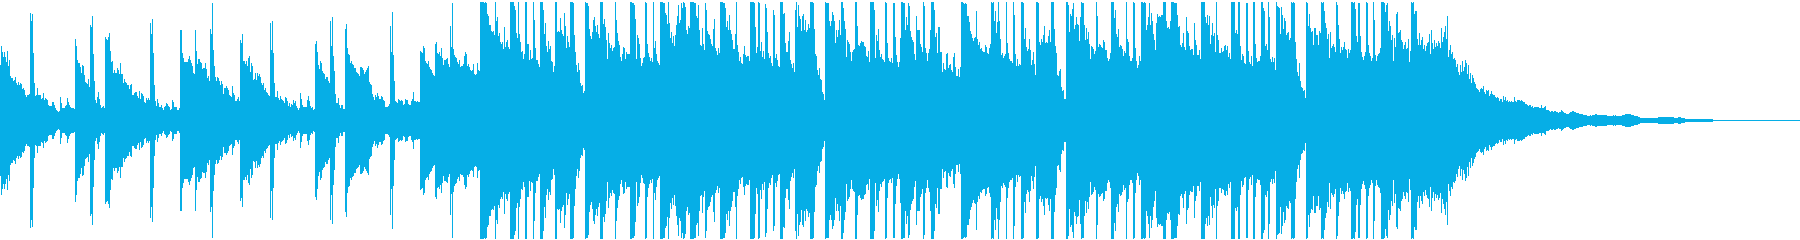 ポップ テクノ ハウス ダンス プ...の再生済みの波形